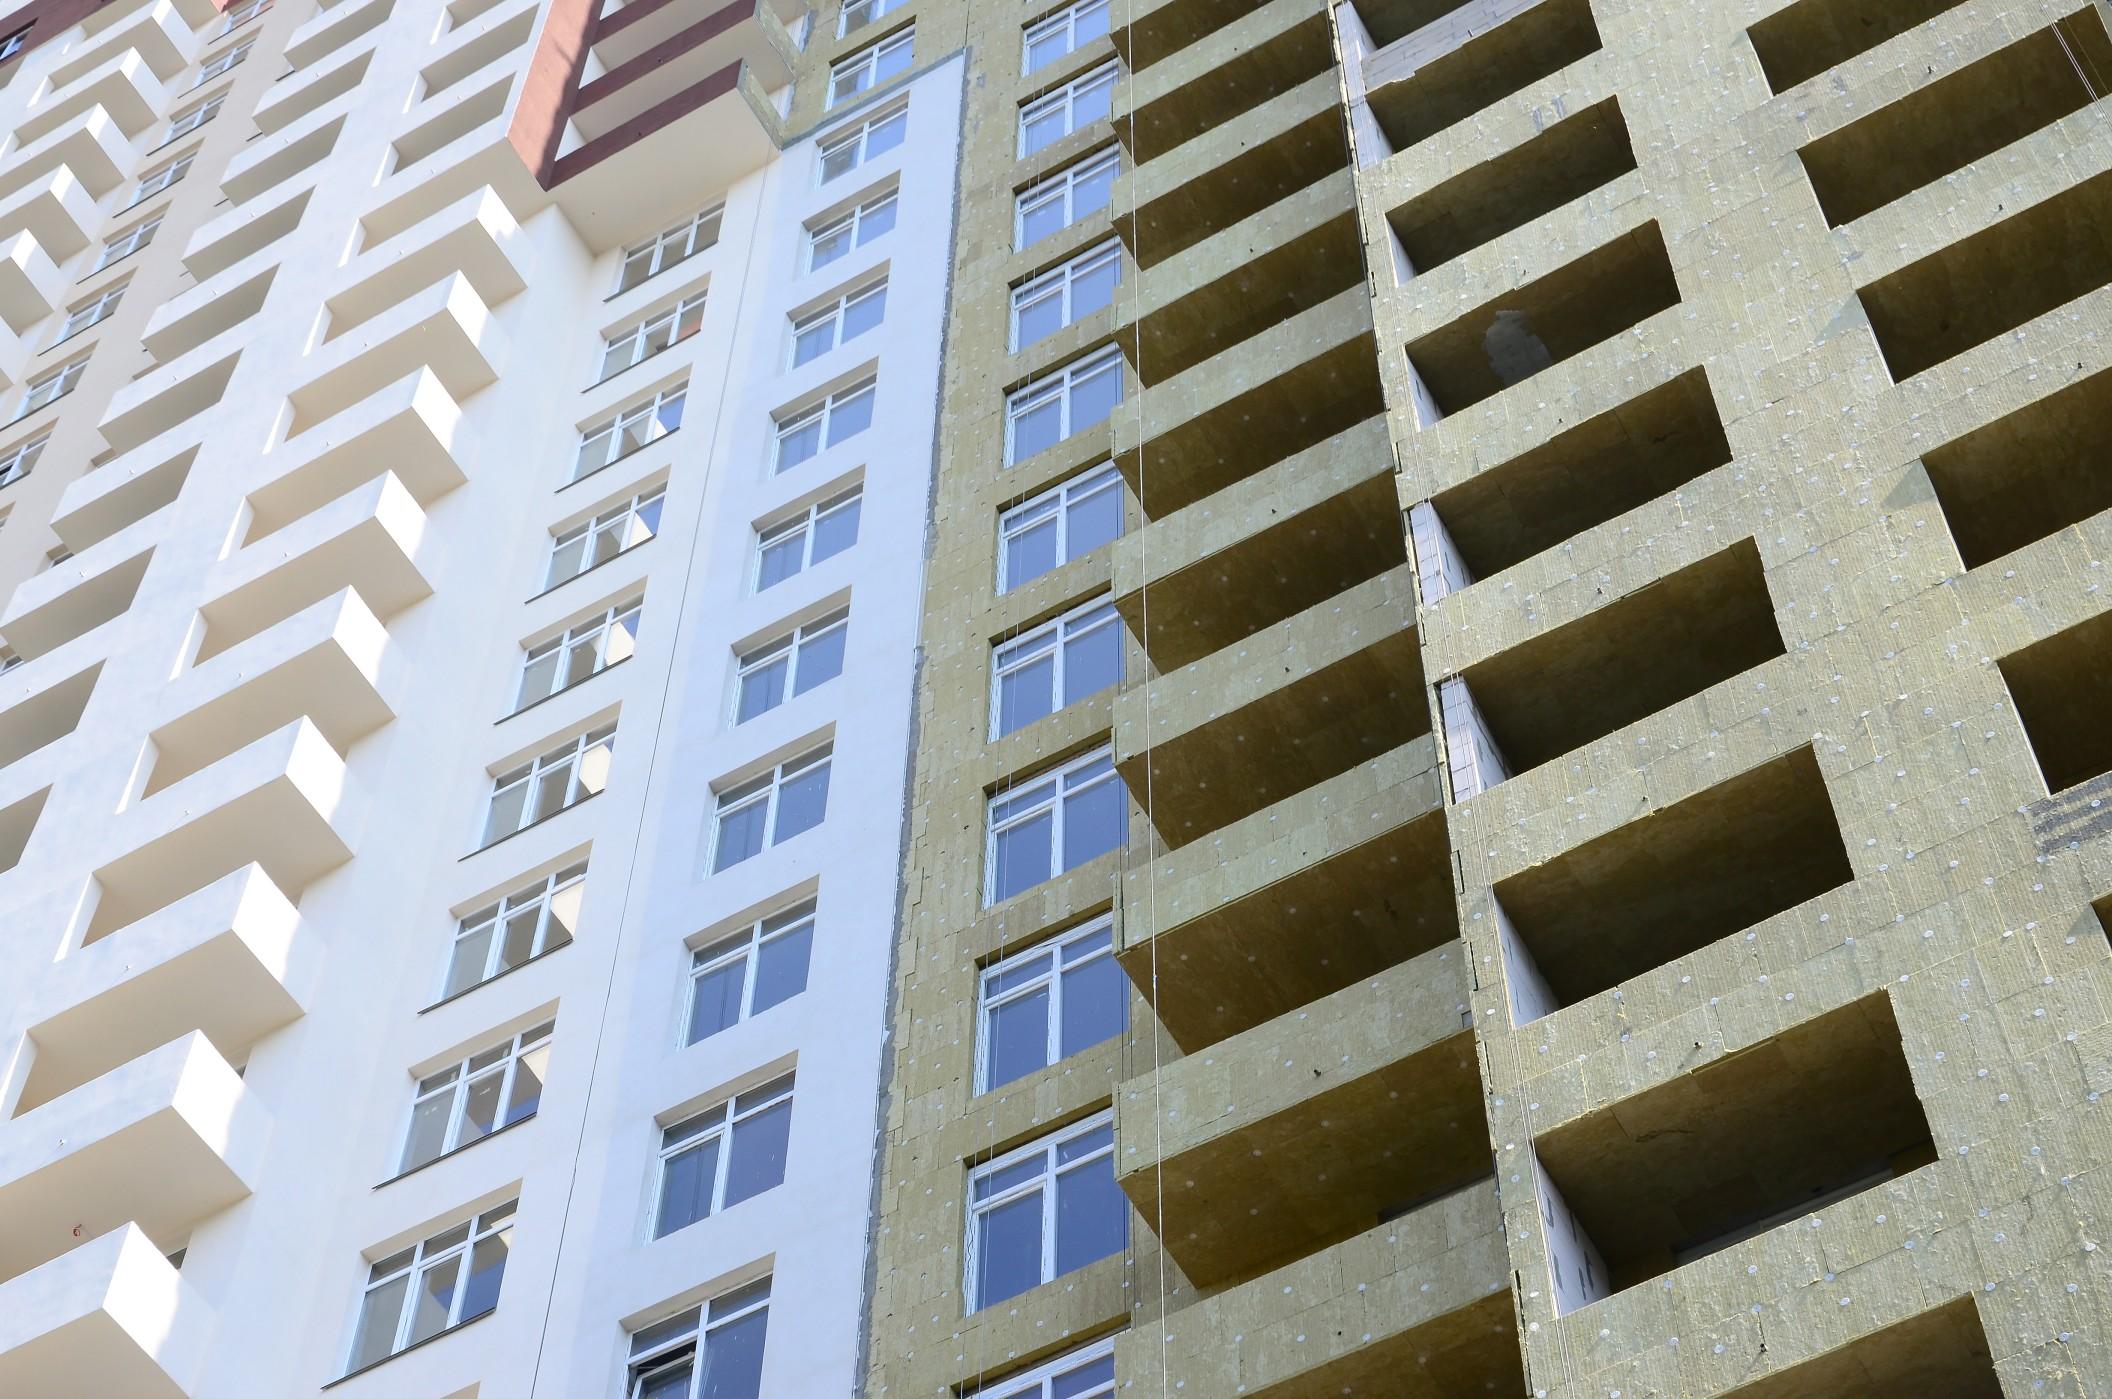 La rentabilité d'investir dans l'immobilier en 2021